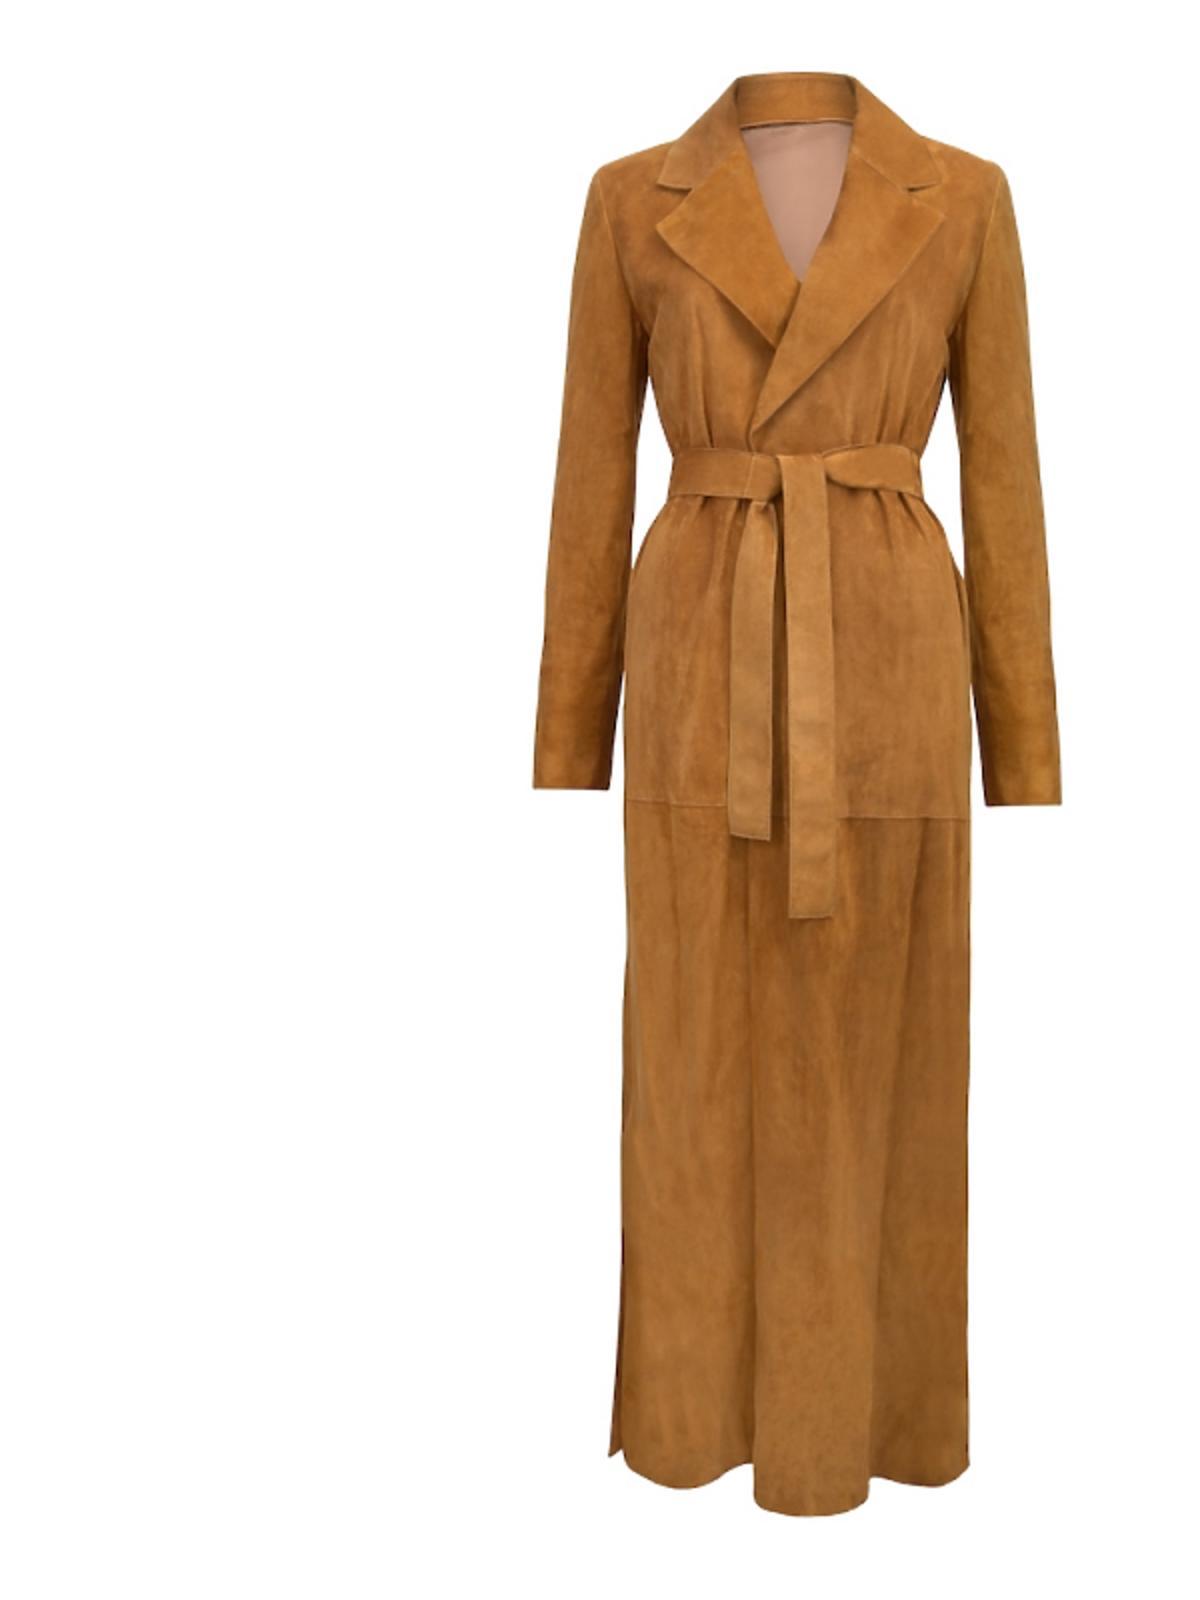 Długi płaszcz w brązowymn kolorze